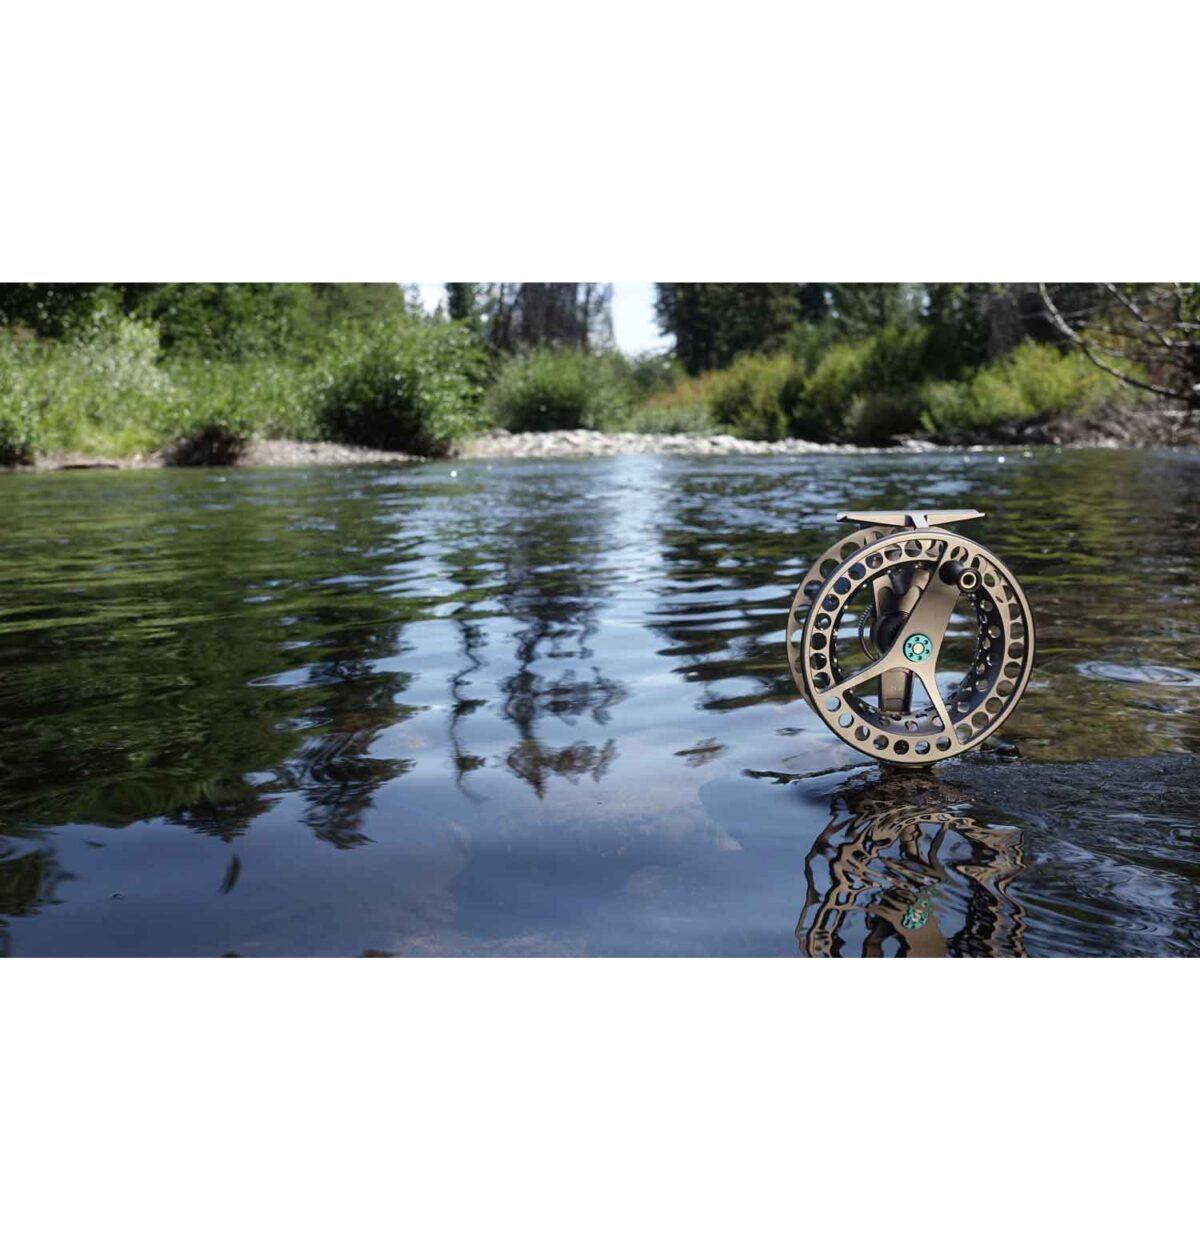 Carrete Lamson Ula Force SL Series II WaterWorks Fly Reel